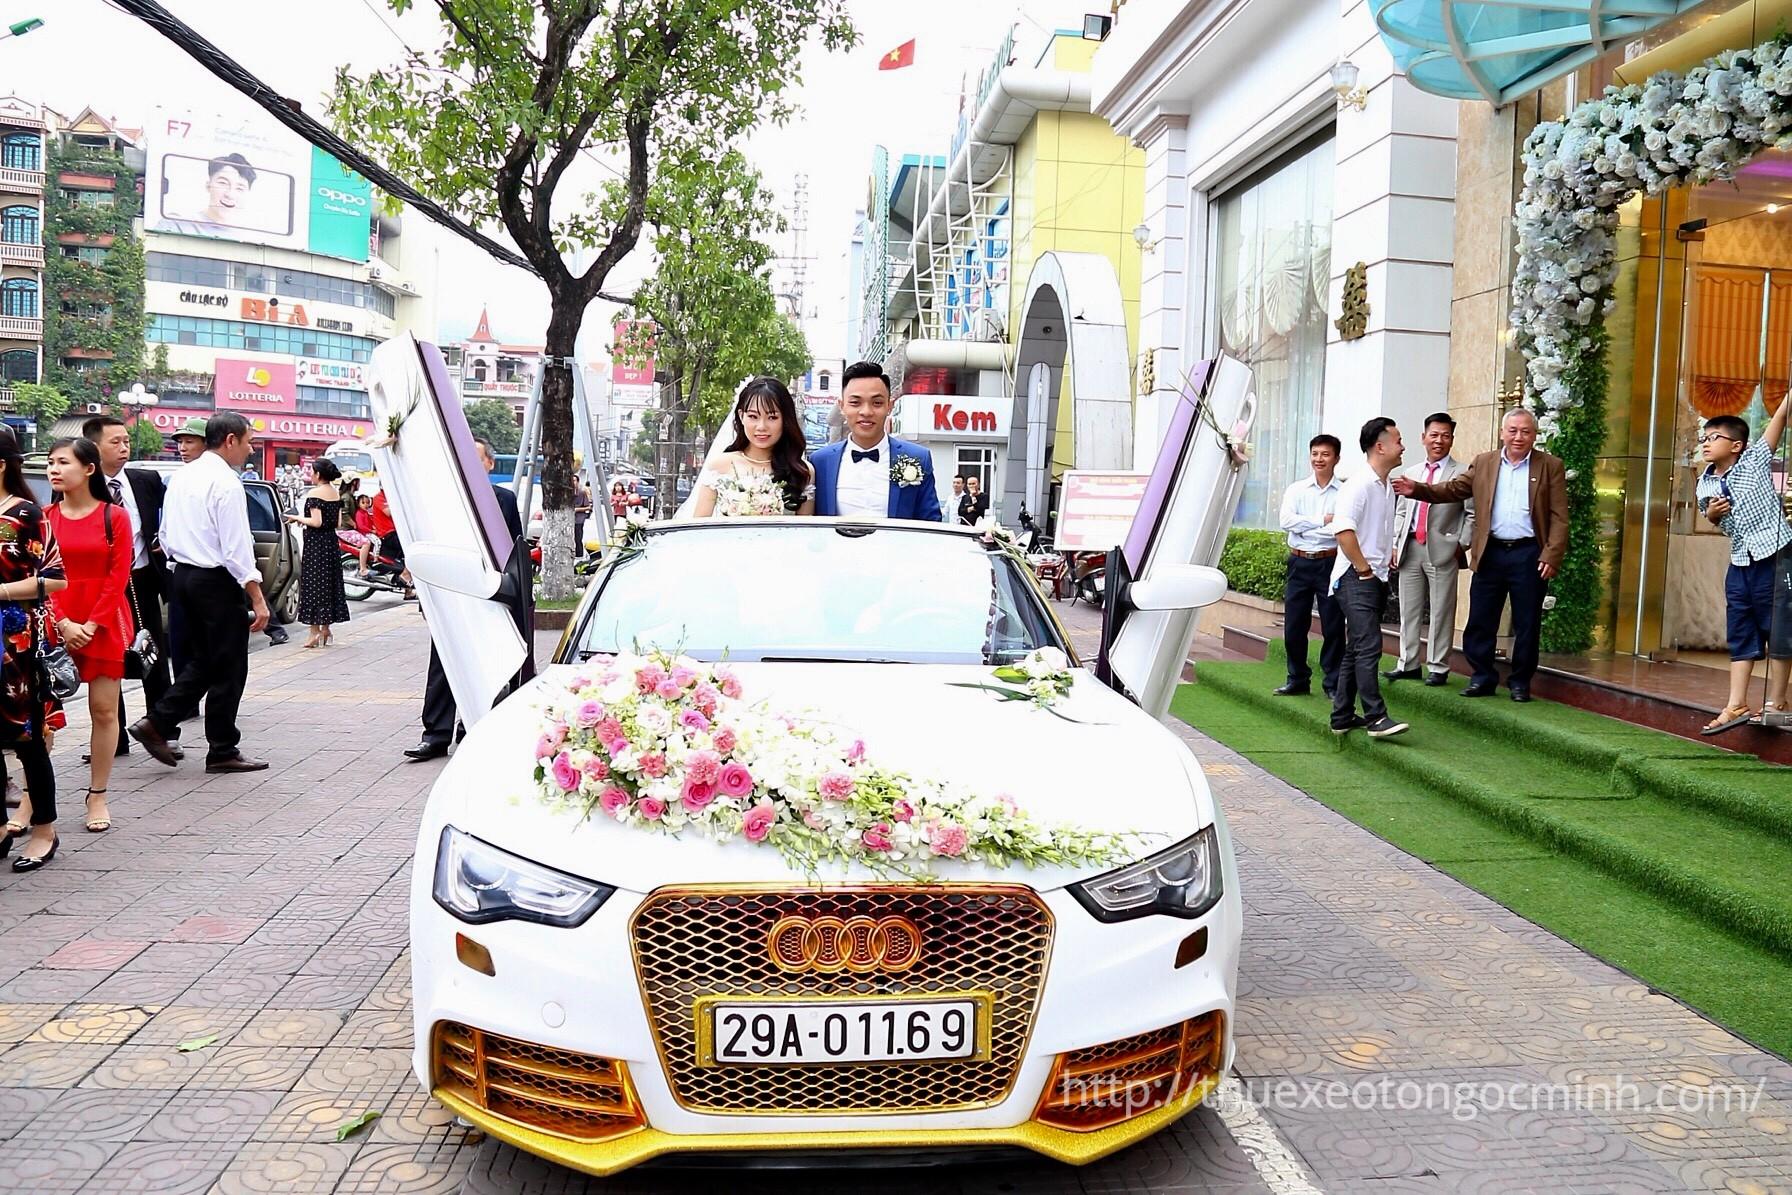 Thuê xe cưới audi tại Hà Nội